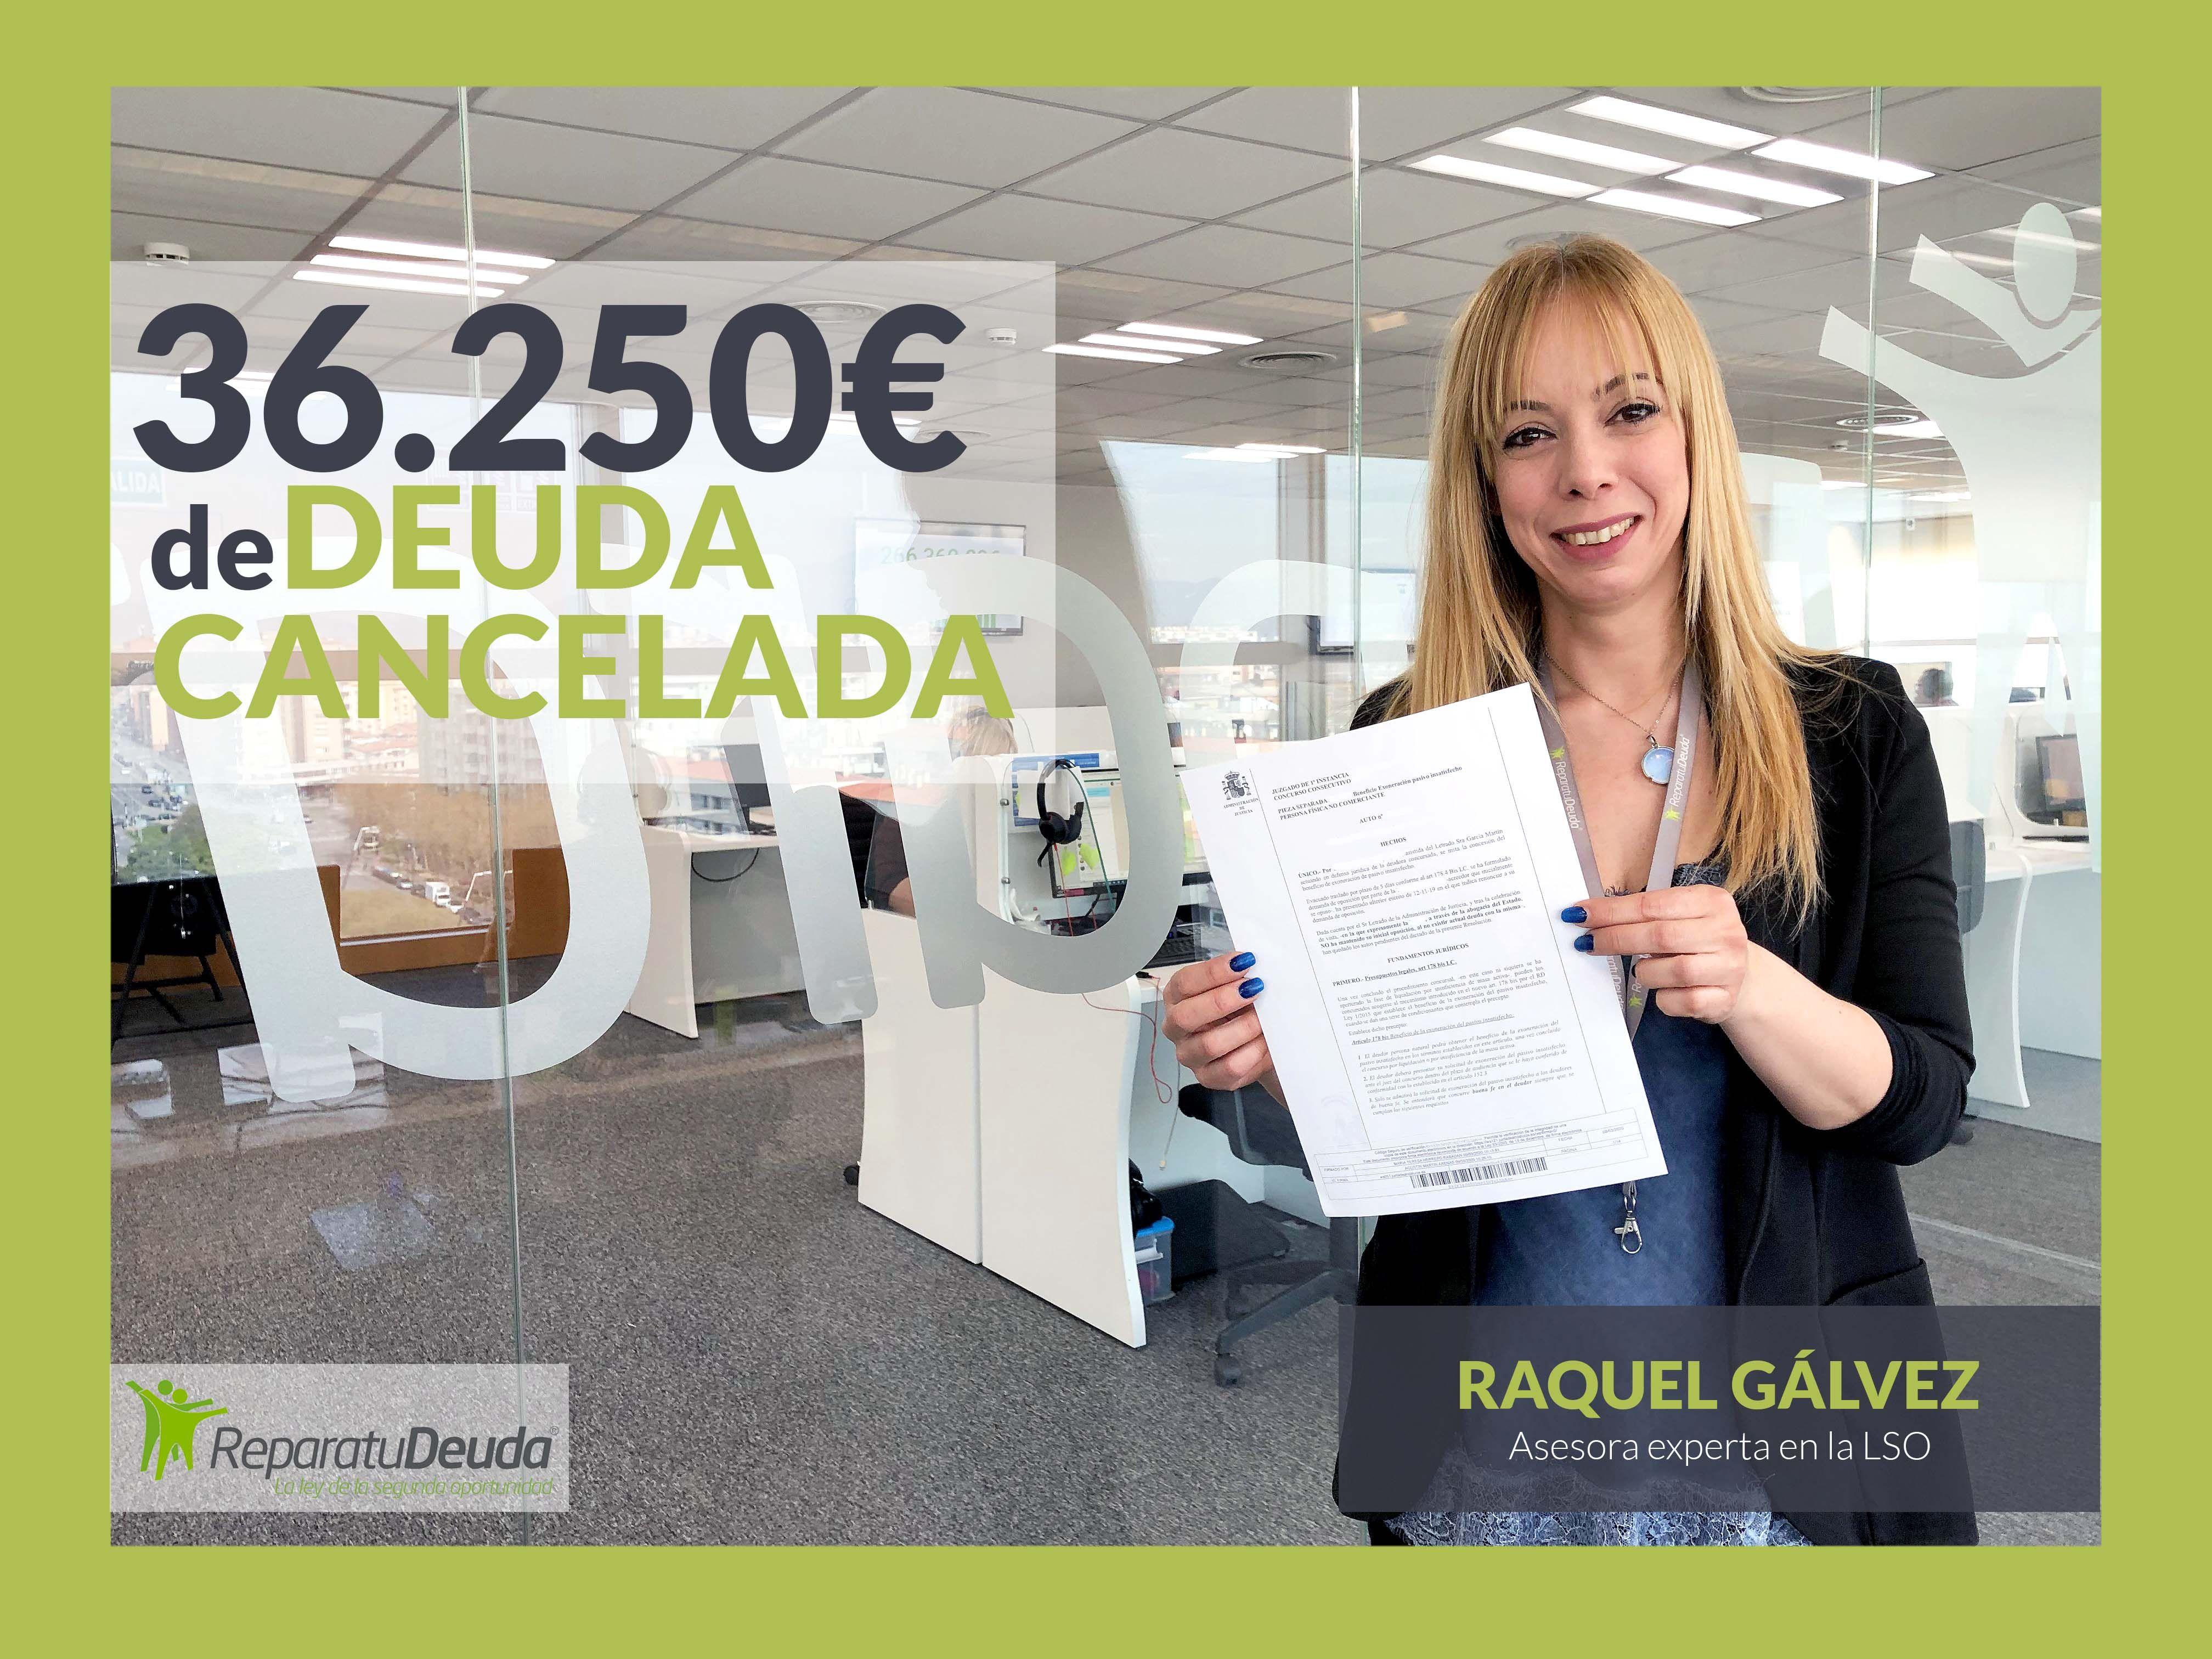 Foto de Raquel Galvez, asesora experta en la Ley de la Segunda